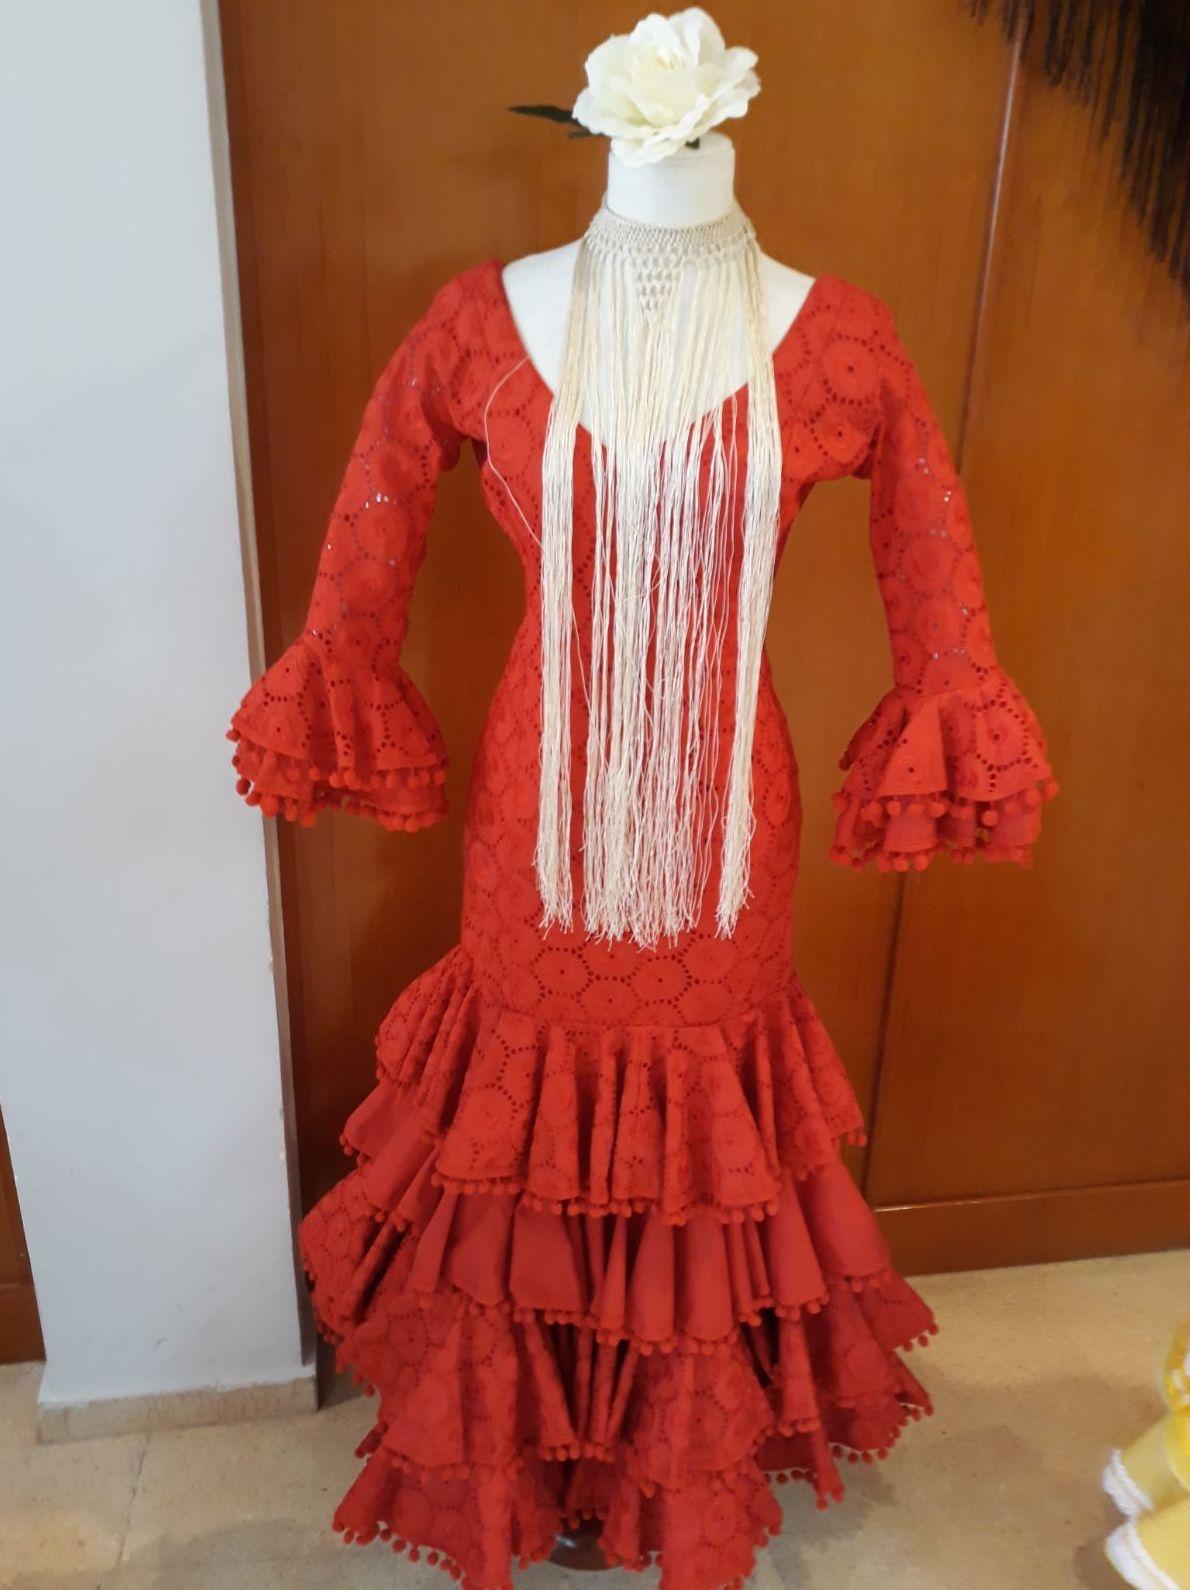 Maniquíes para exposición de trajes regionales